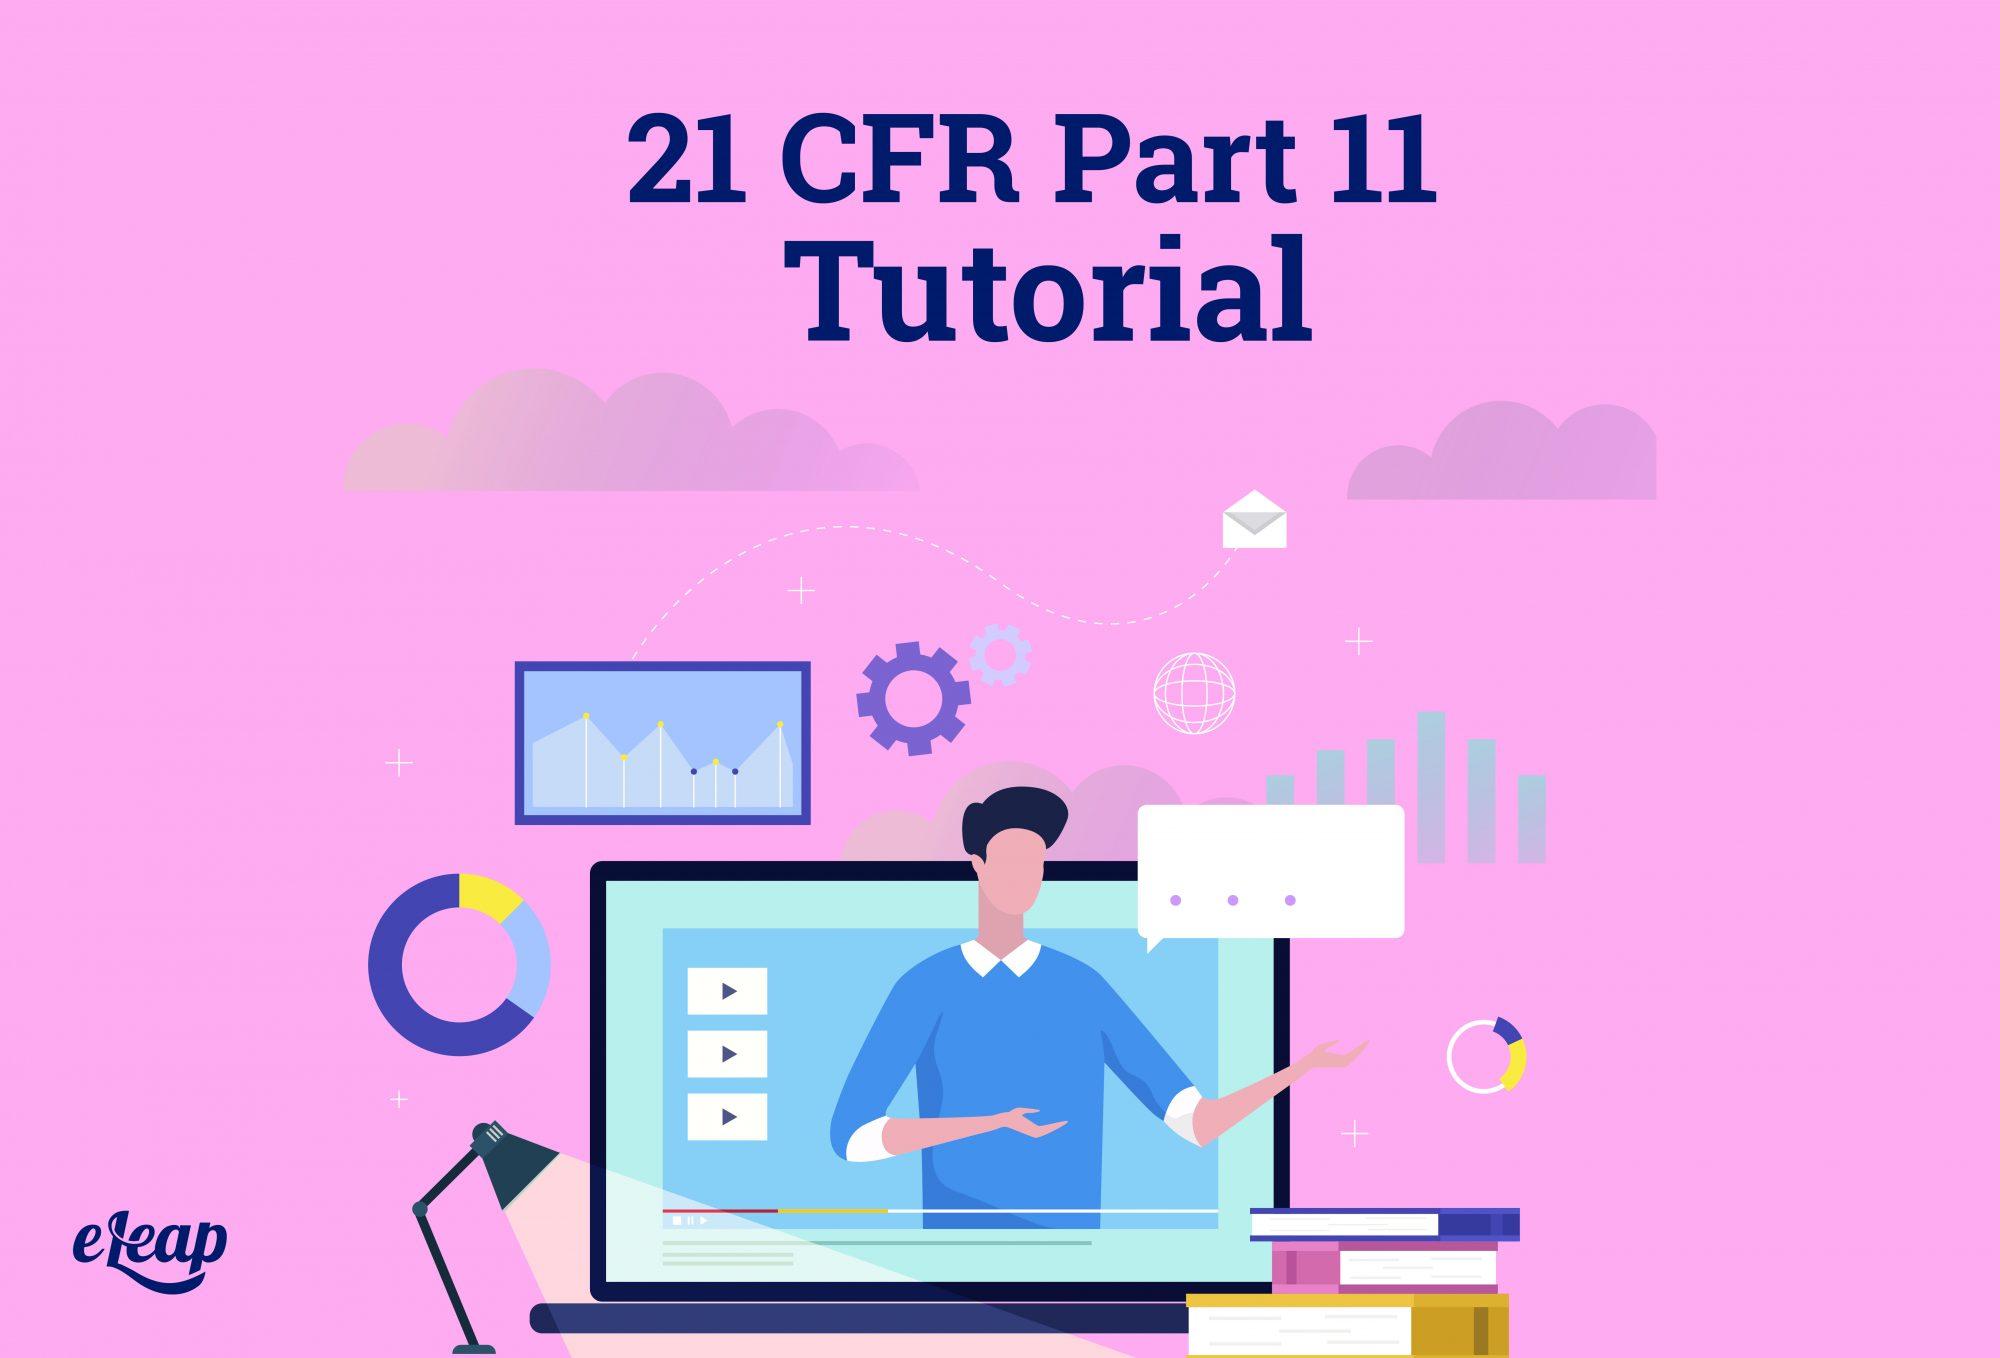 LMS 21 CFR Part 11 Tutorial